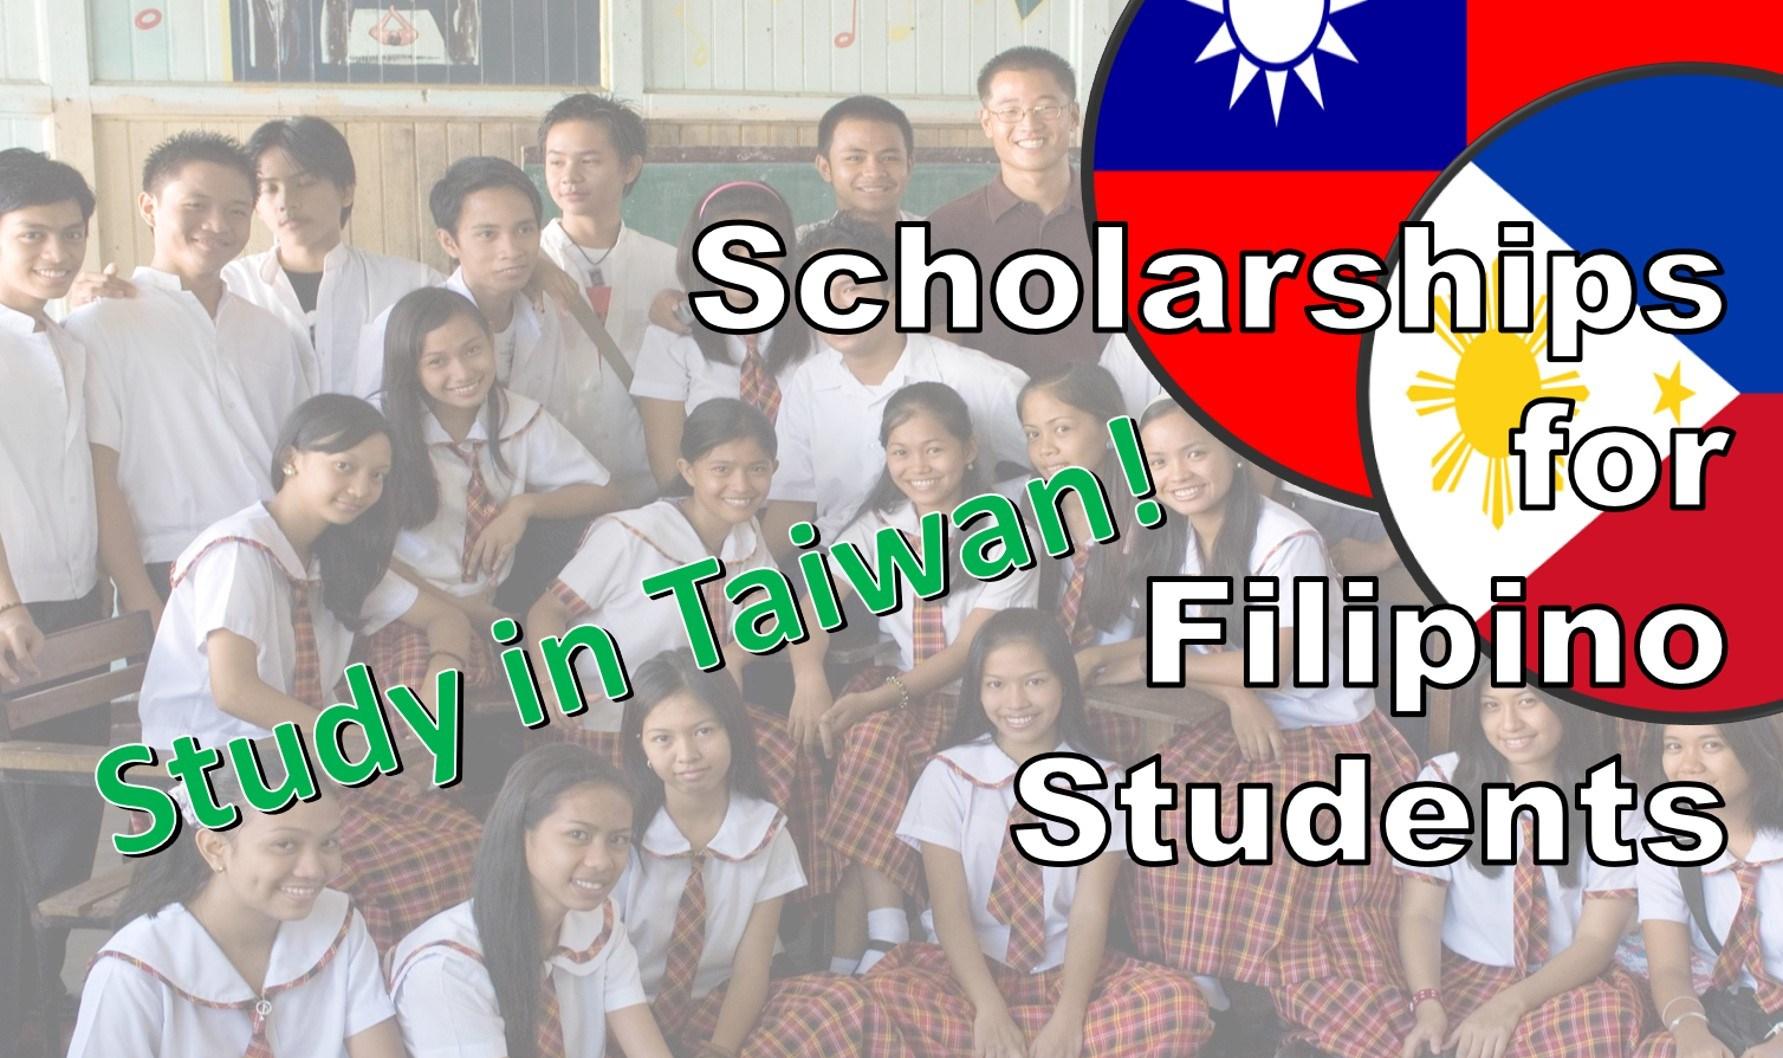 Tagalog taiwan pamahalaan ng ano ang